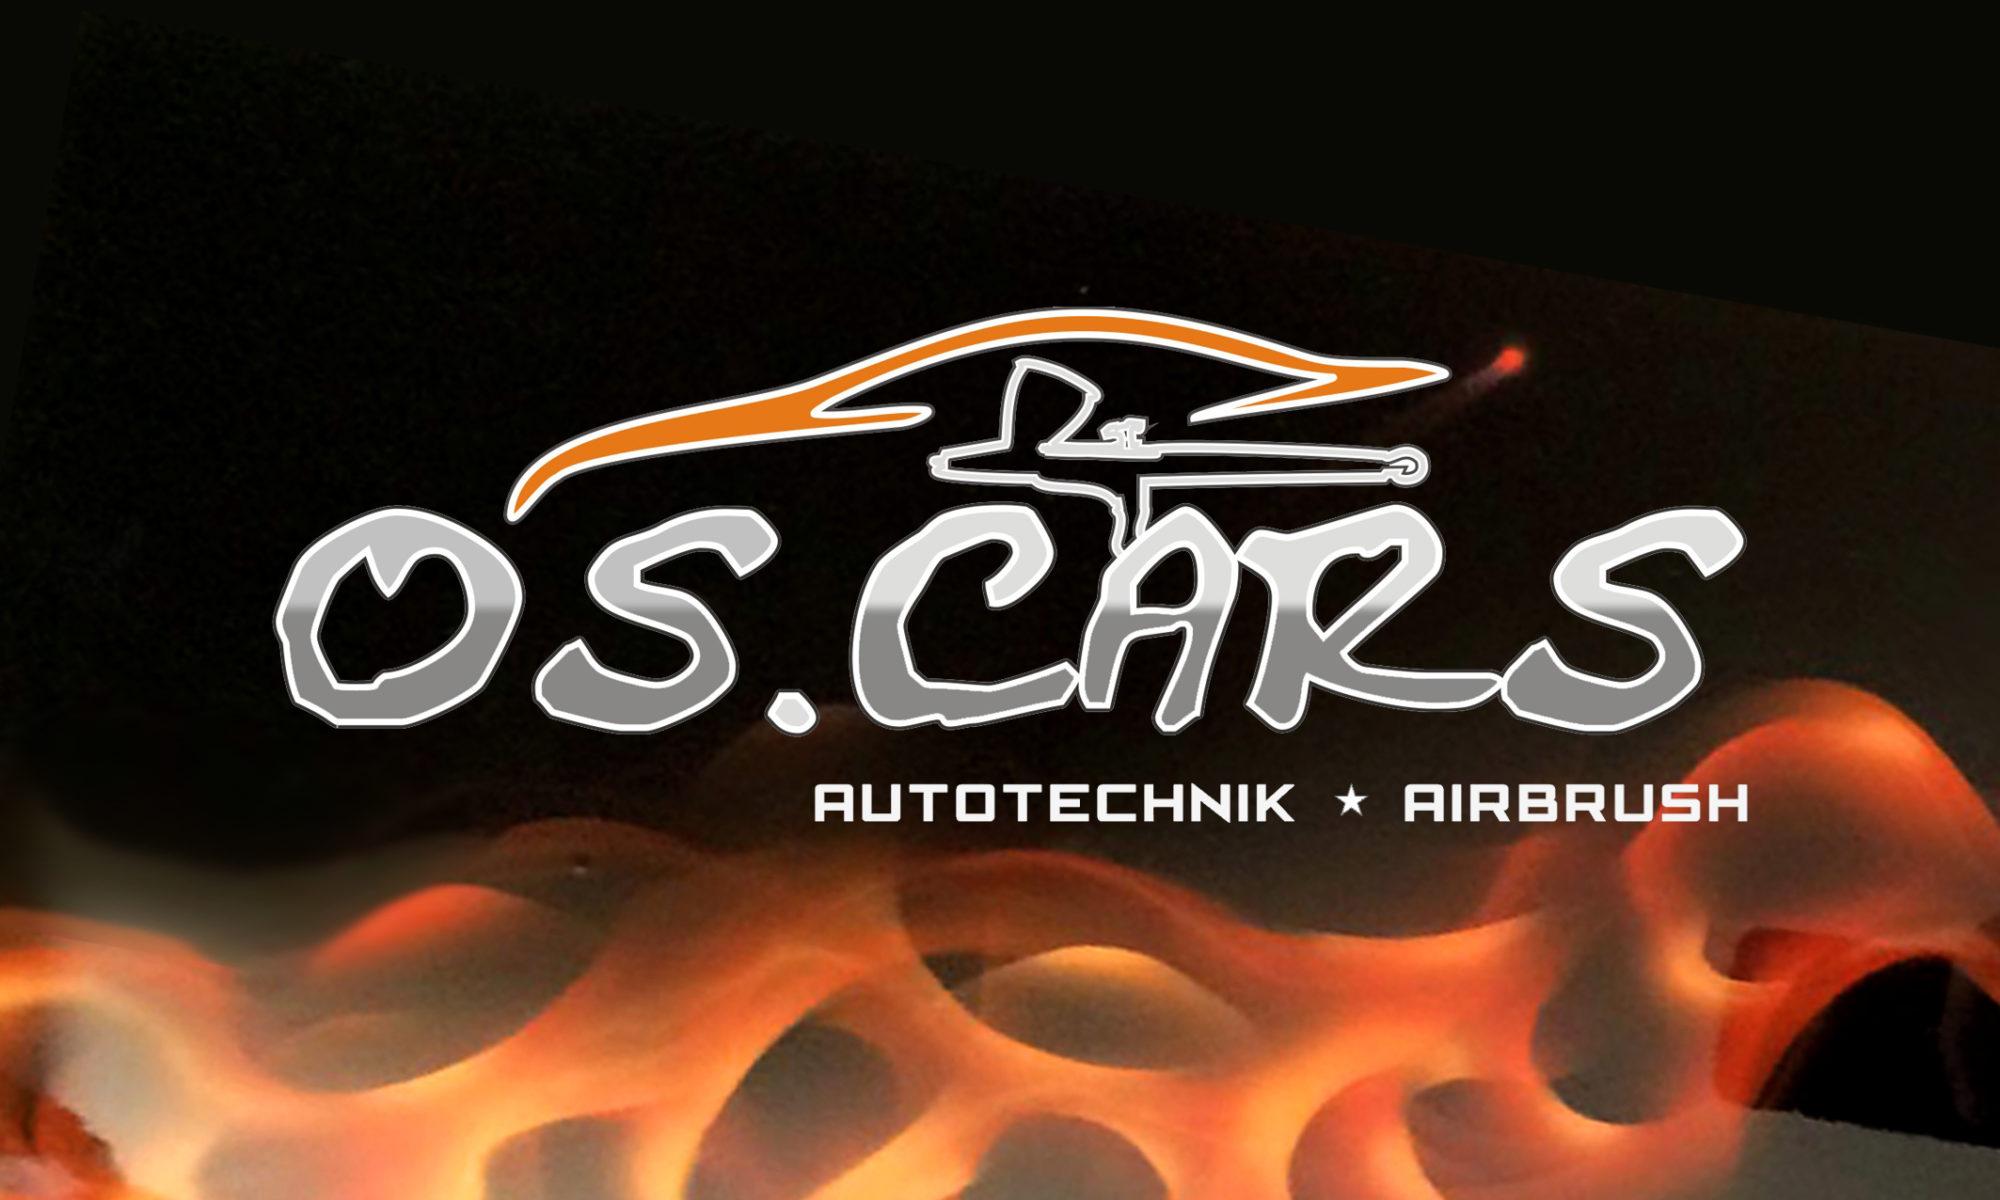 OS-Cars.at